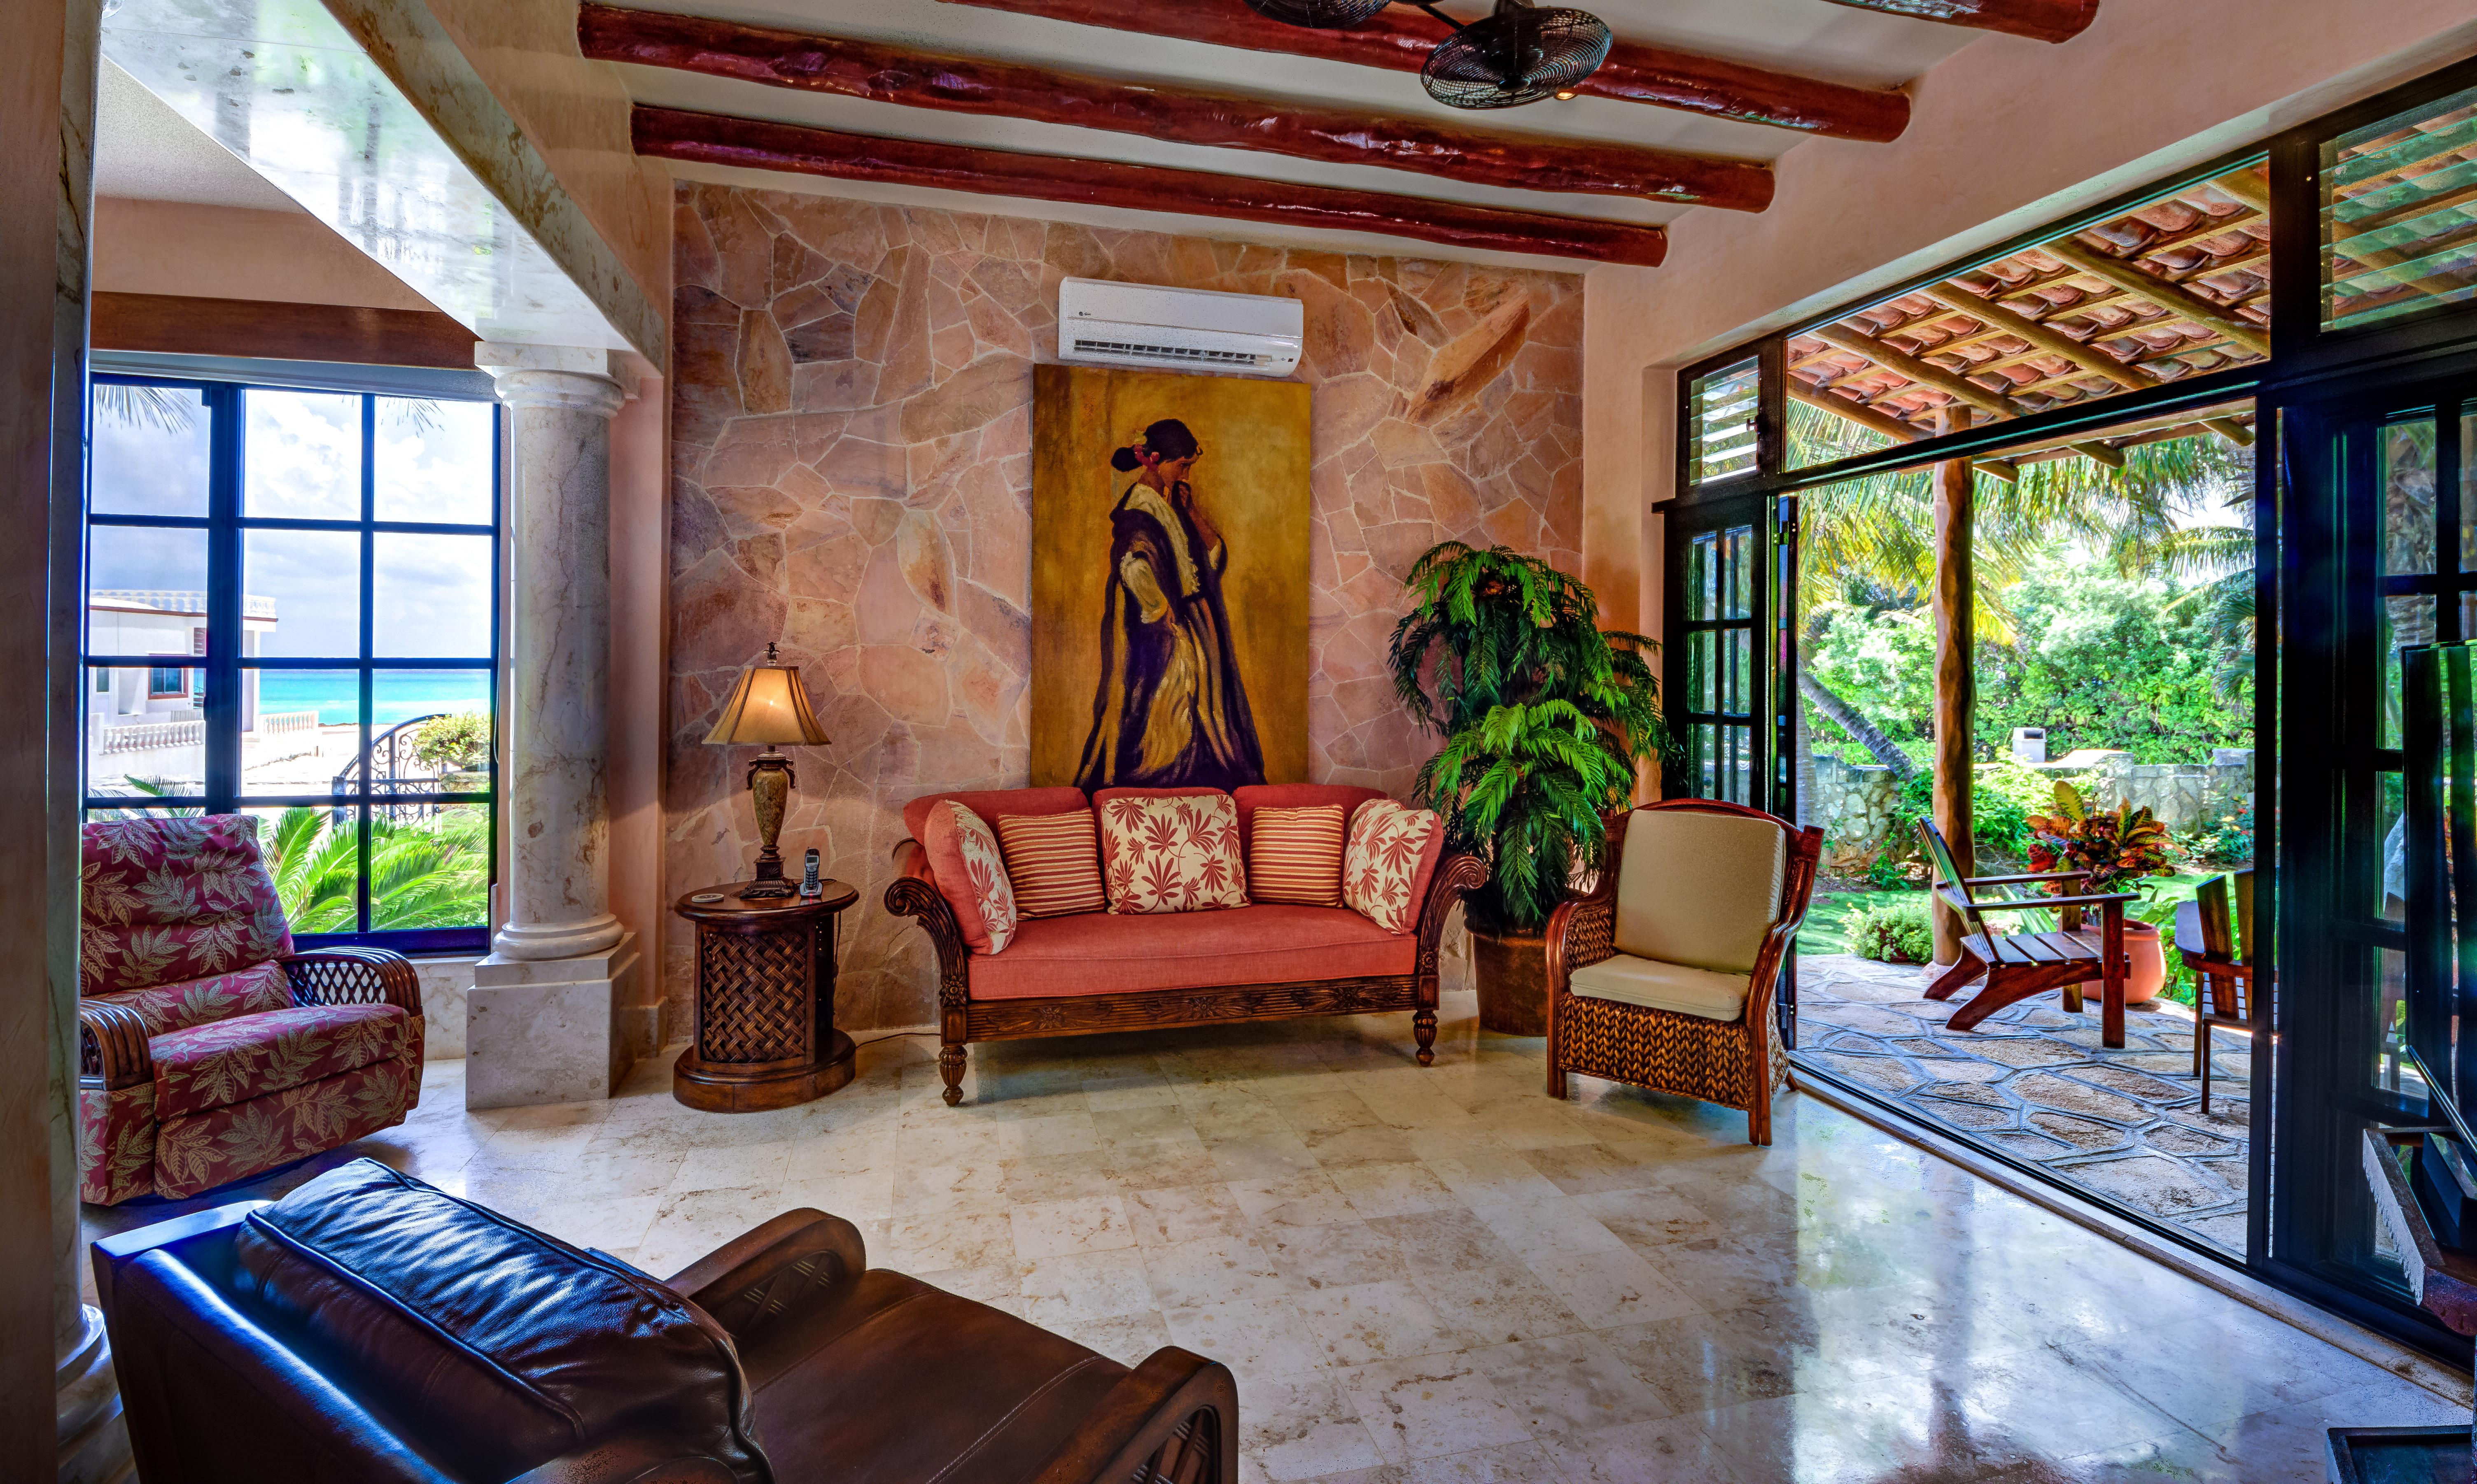 Casa_Juanita_yourescape_Playa_del_Carmen_Riviera_Maya_Mexico16